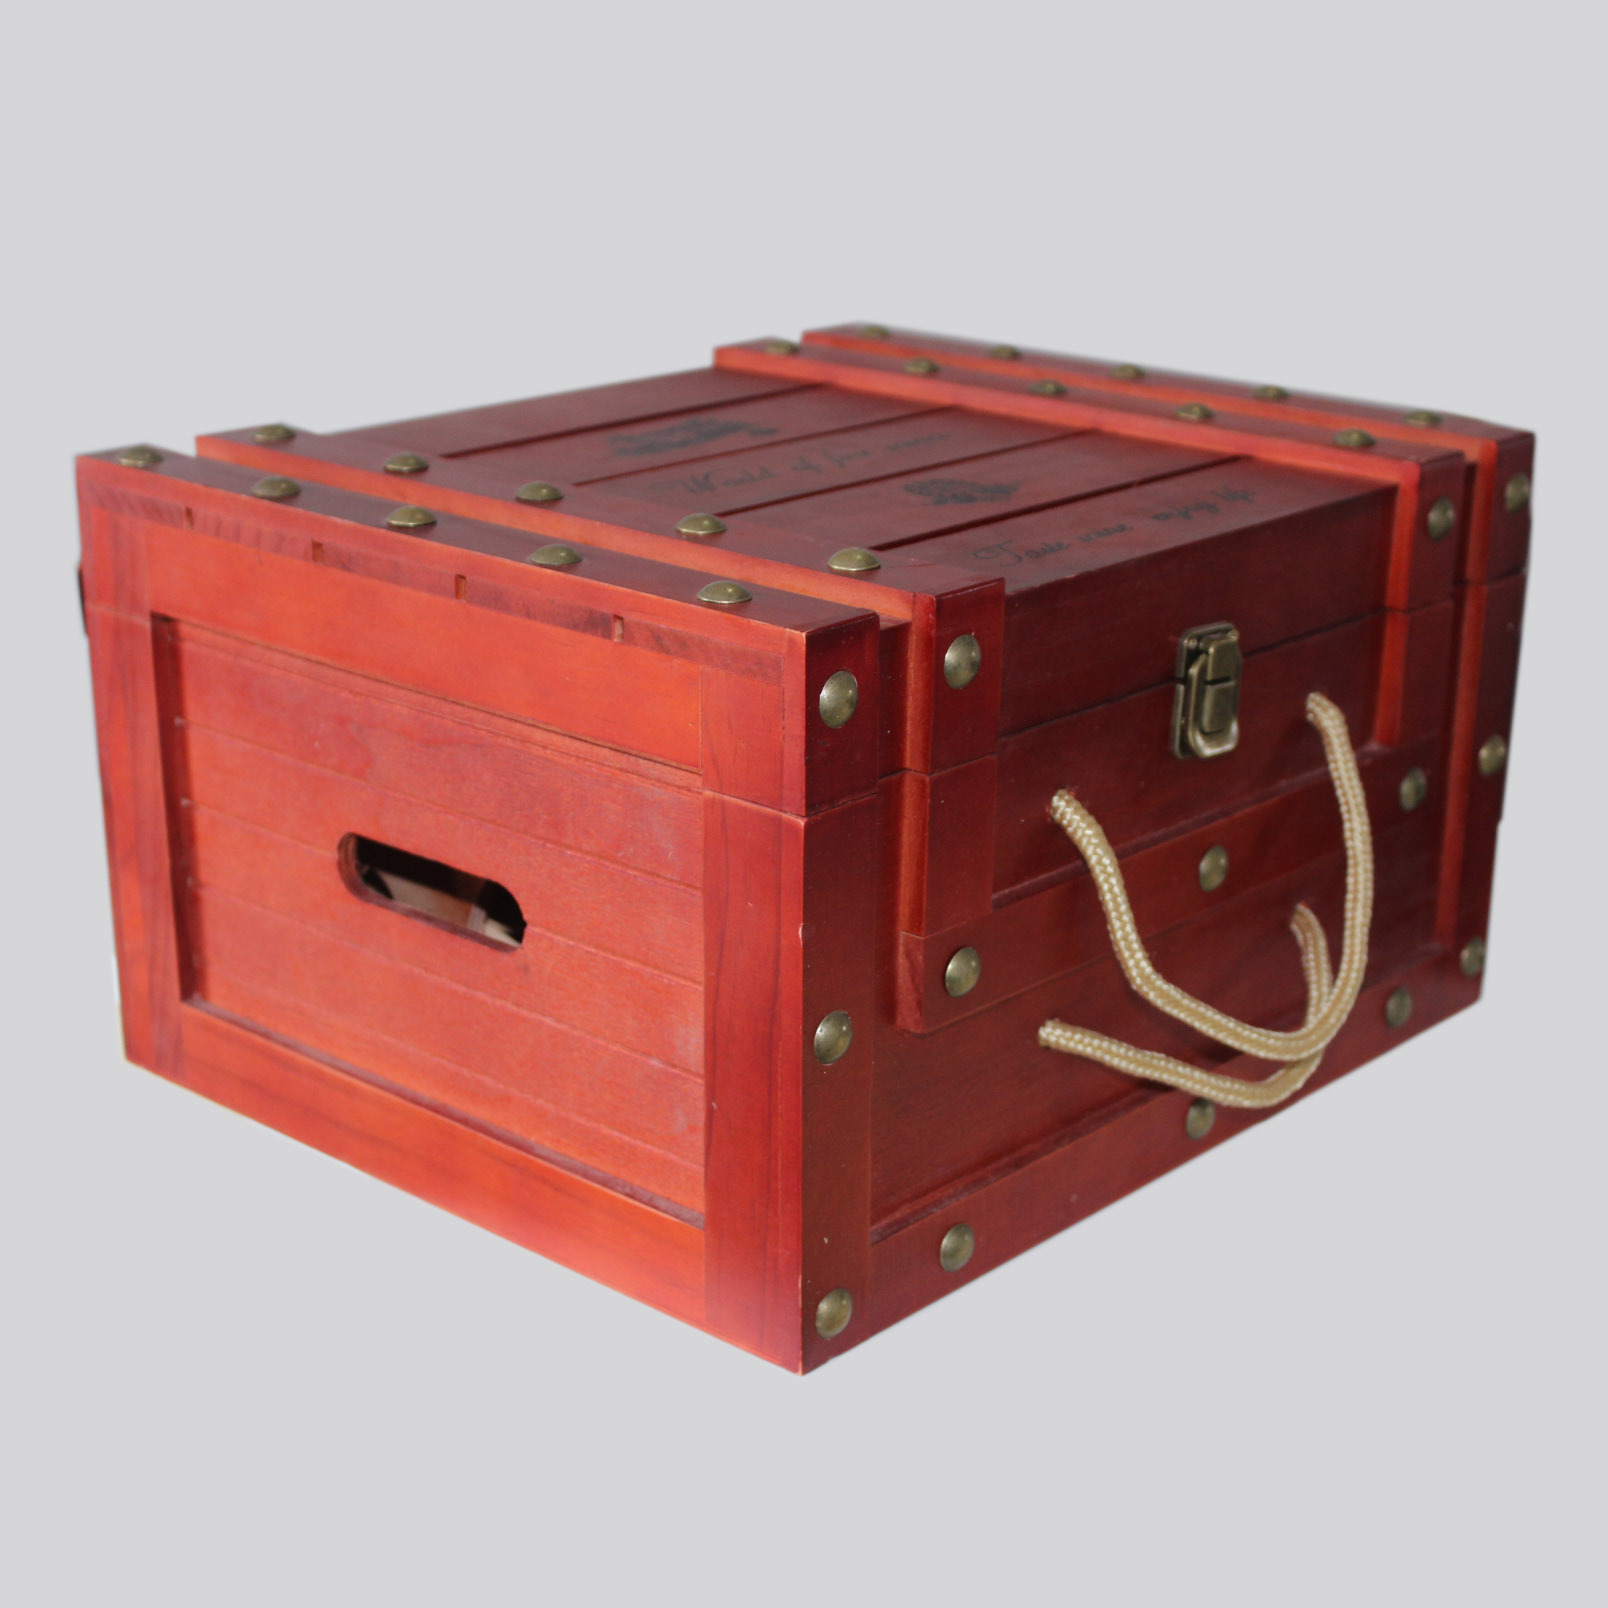 专业定制红酒木箱 六支装铆钉皮条松木制造上色印LOGO 厂家批发